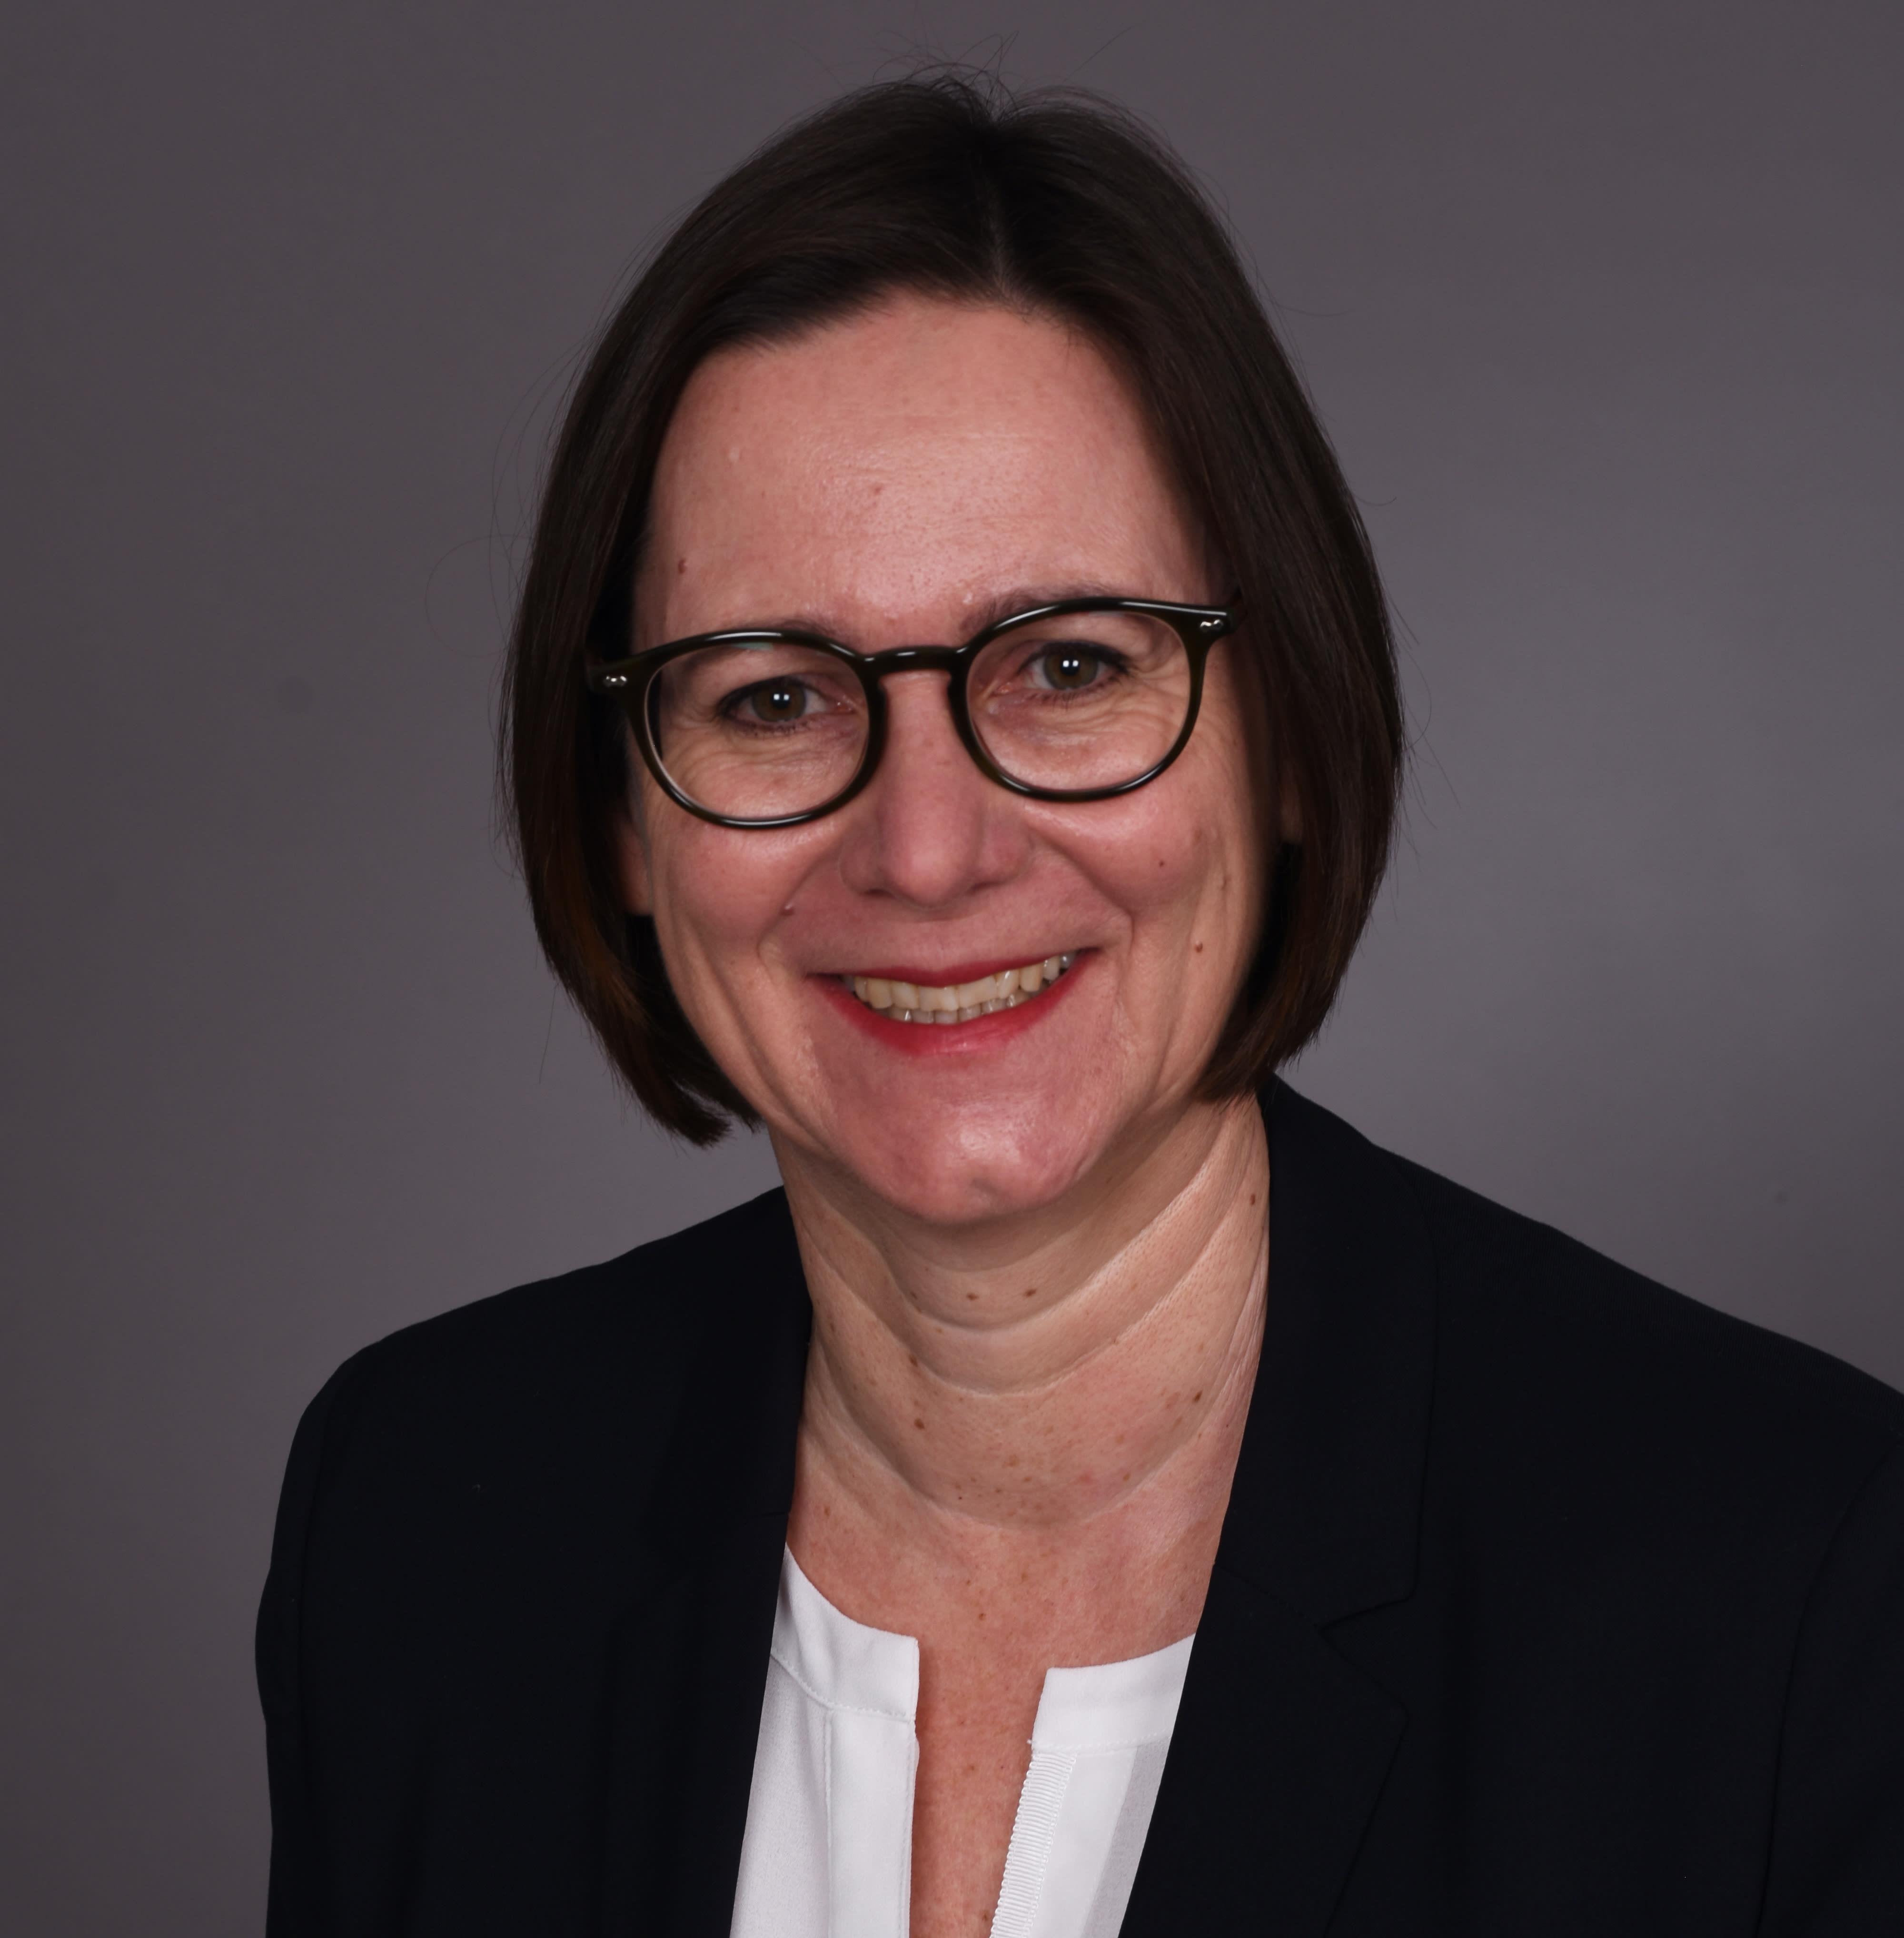 Sabine Moritz Unser Team